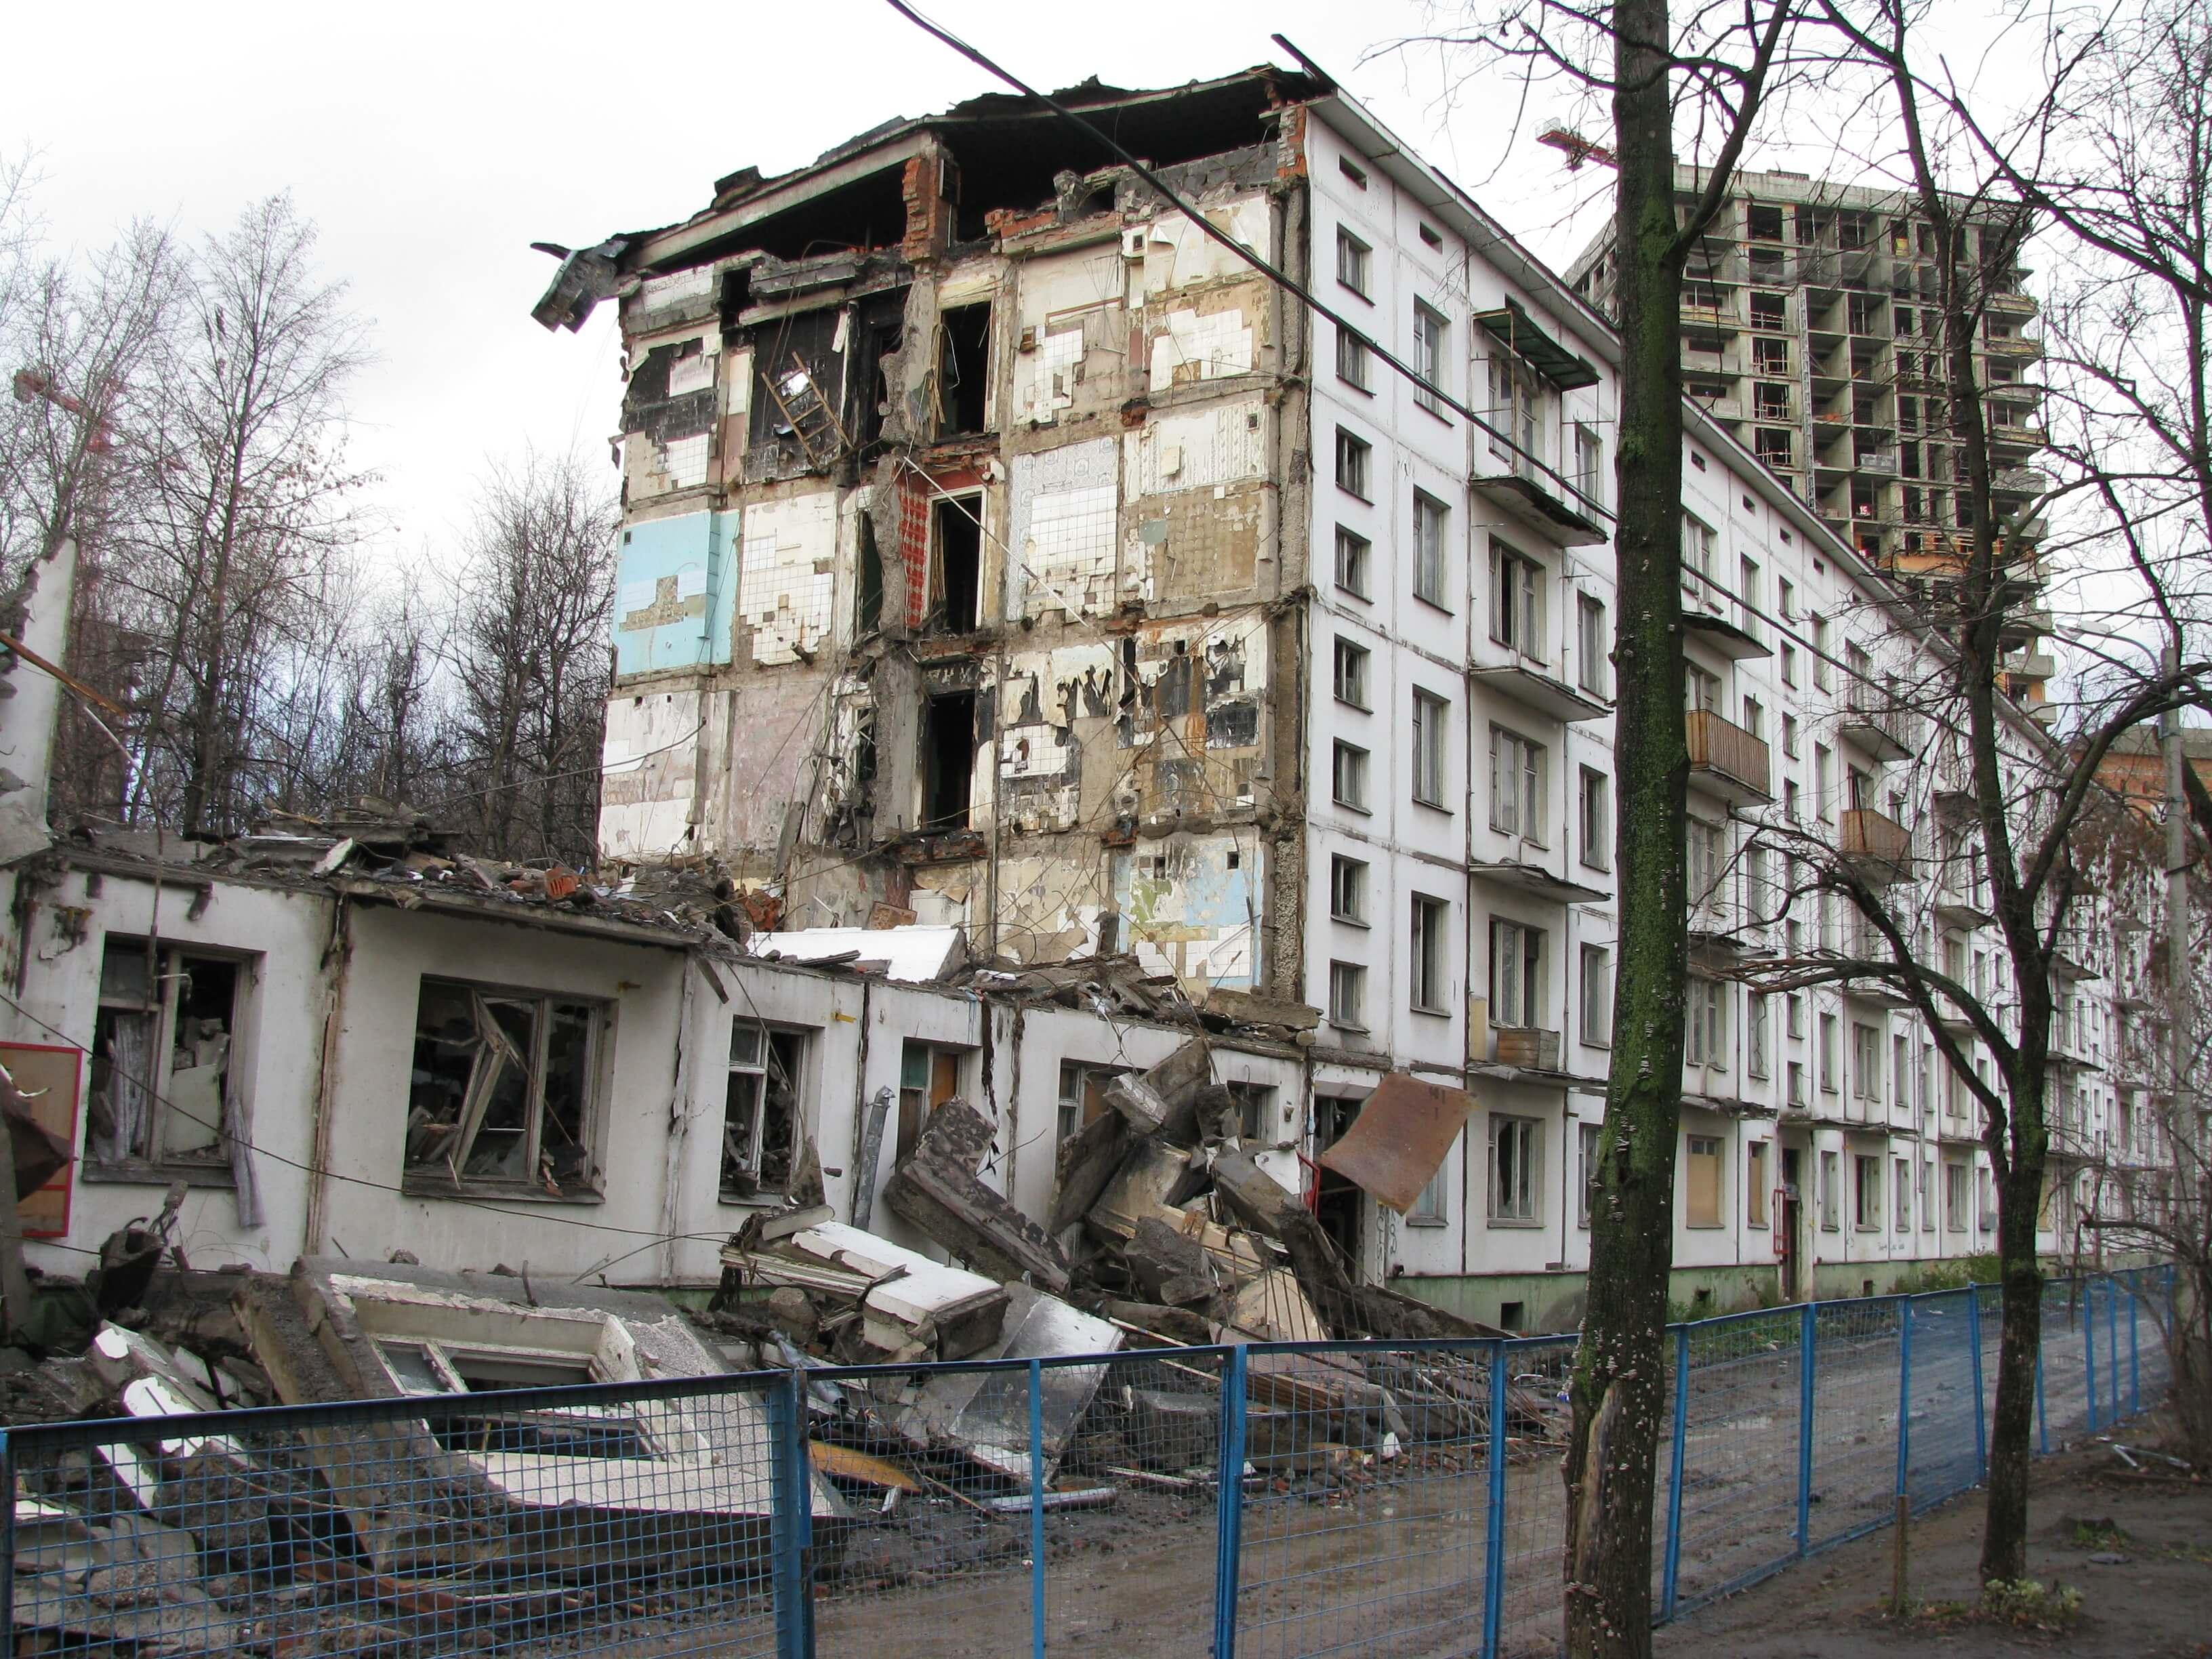 Снос пятиэтажек: работает ли в России право на частную собственность